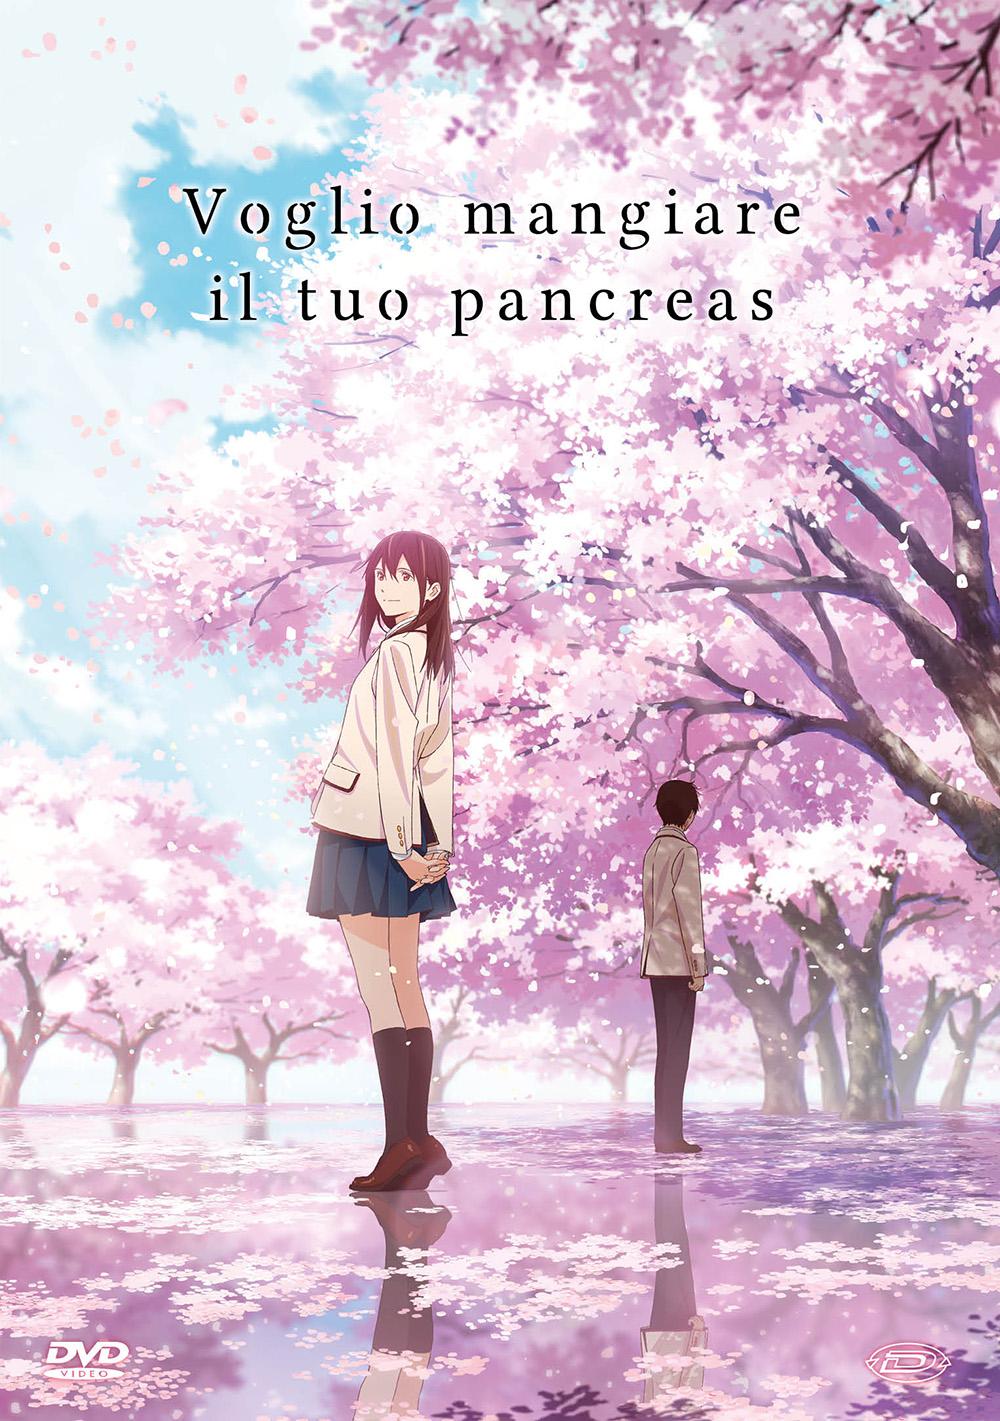 VOGLIO MANGIARE IL TUO PANCREAS (STANDARD EDITION) (DVD)